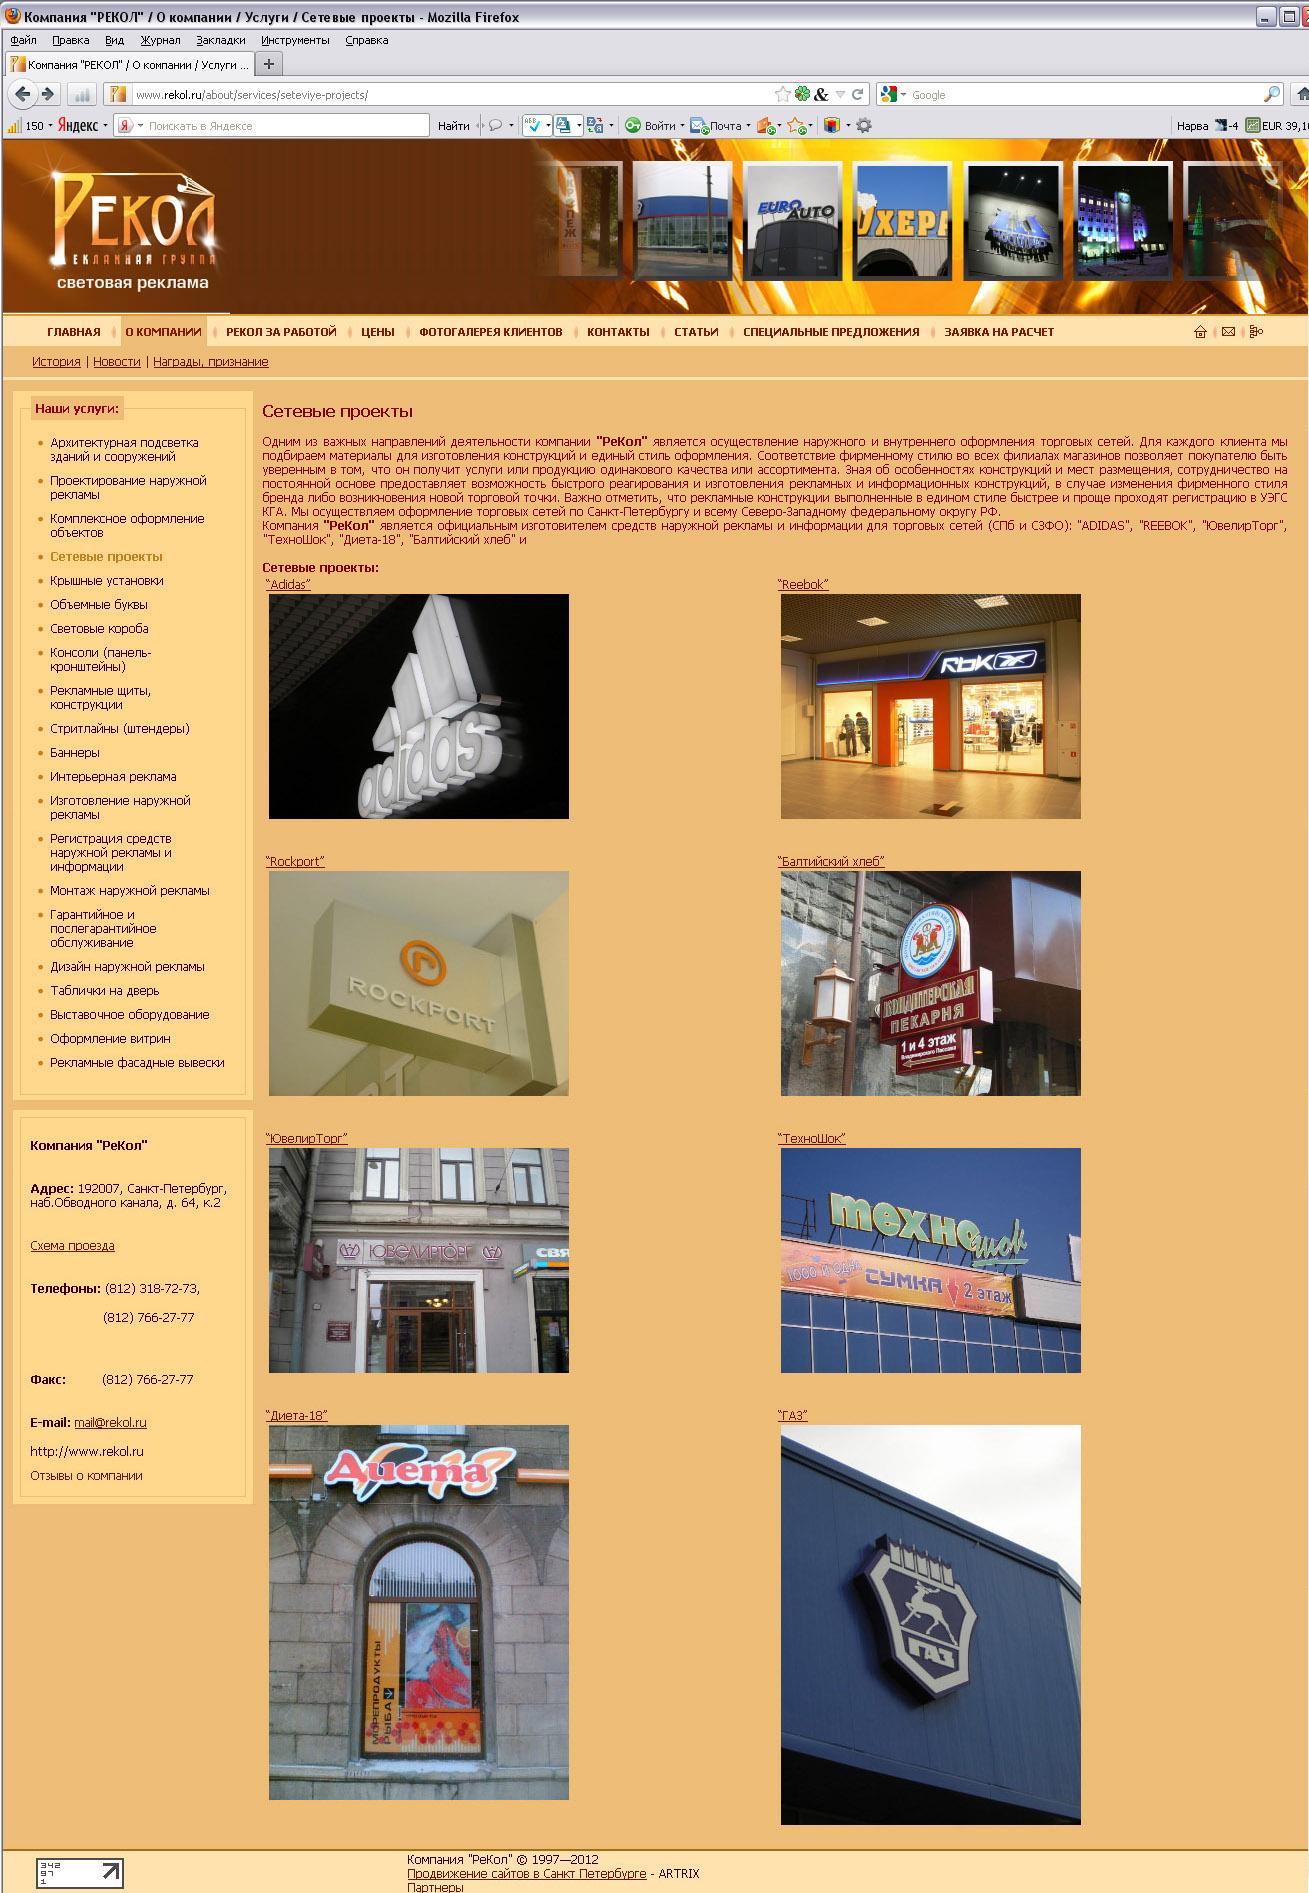 Скриншот страницы сайта РГ «РеКол» «Компания «РЕКОЛ» / О компании / Услуги / Сетевые проекты»